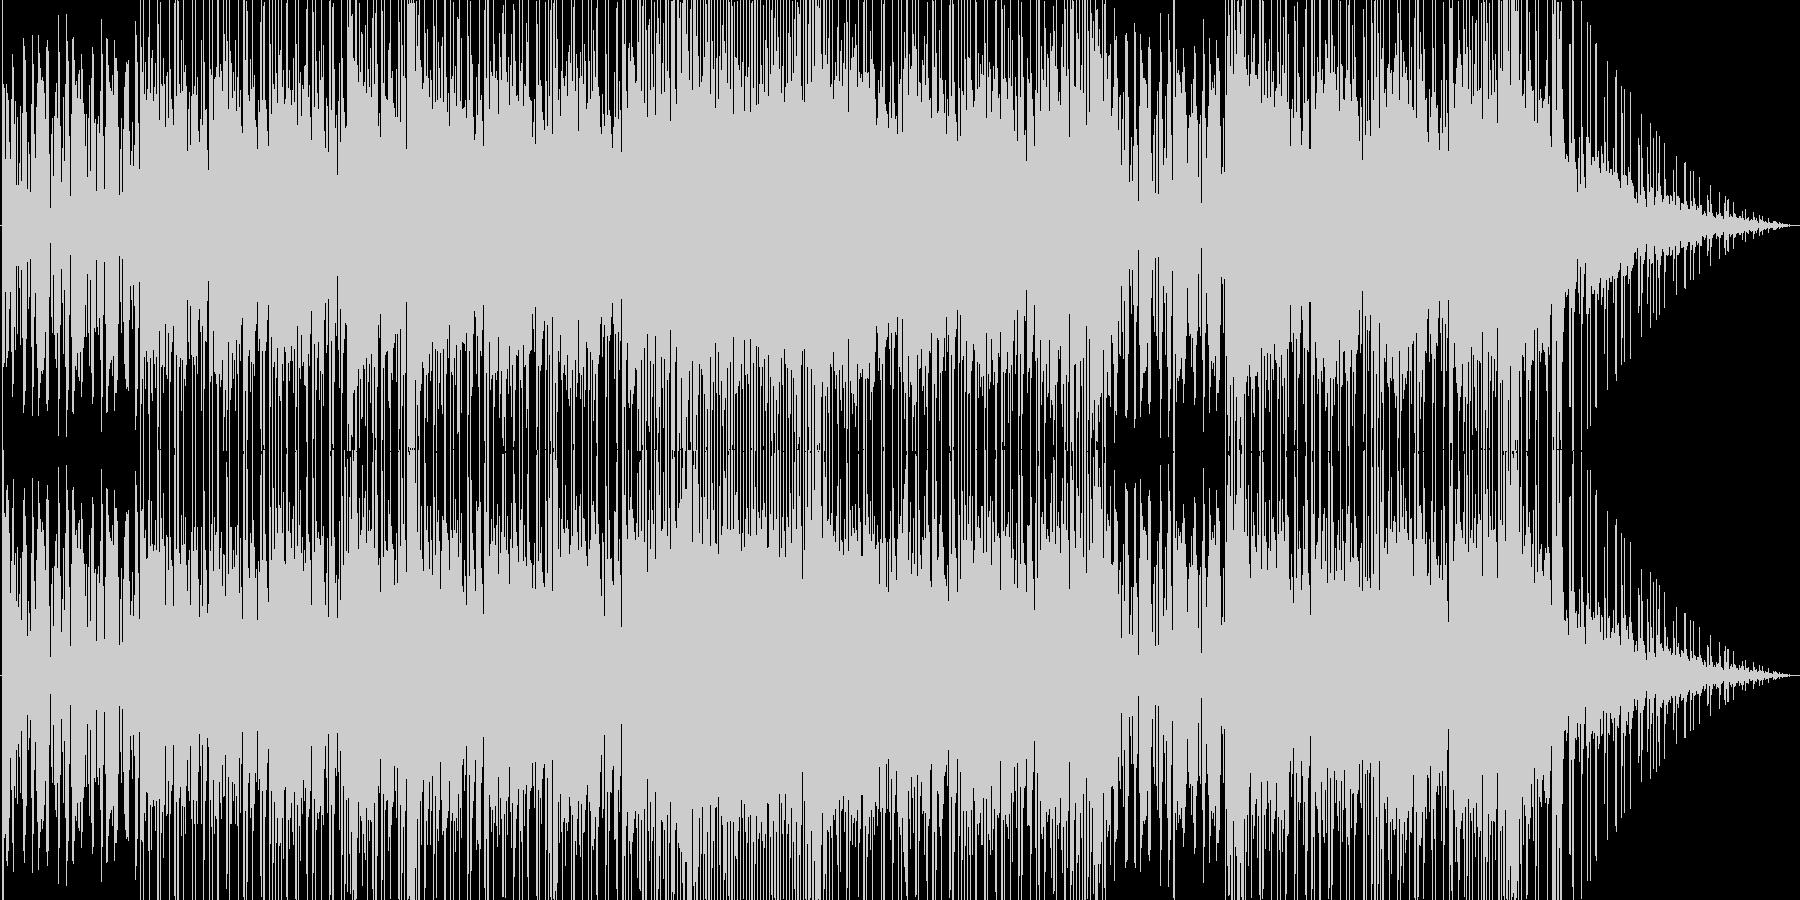 ルーズな雰囲気のロックの未再生の波形